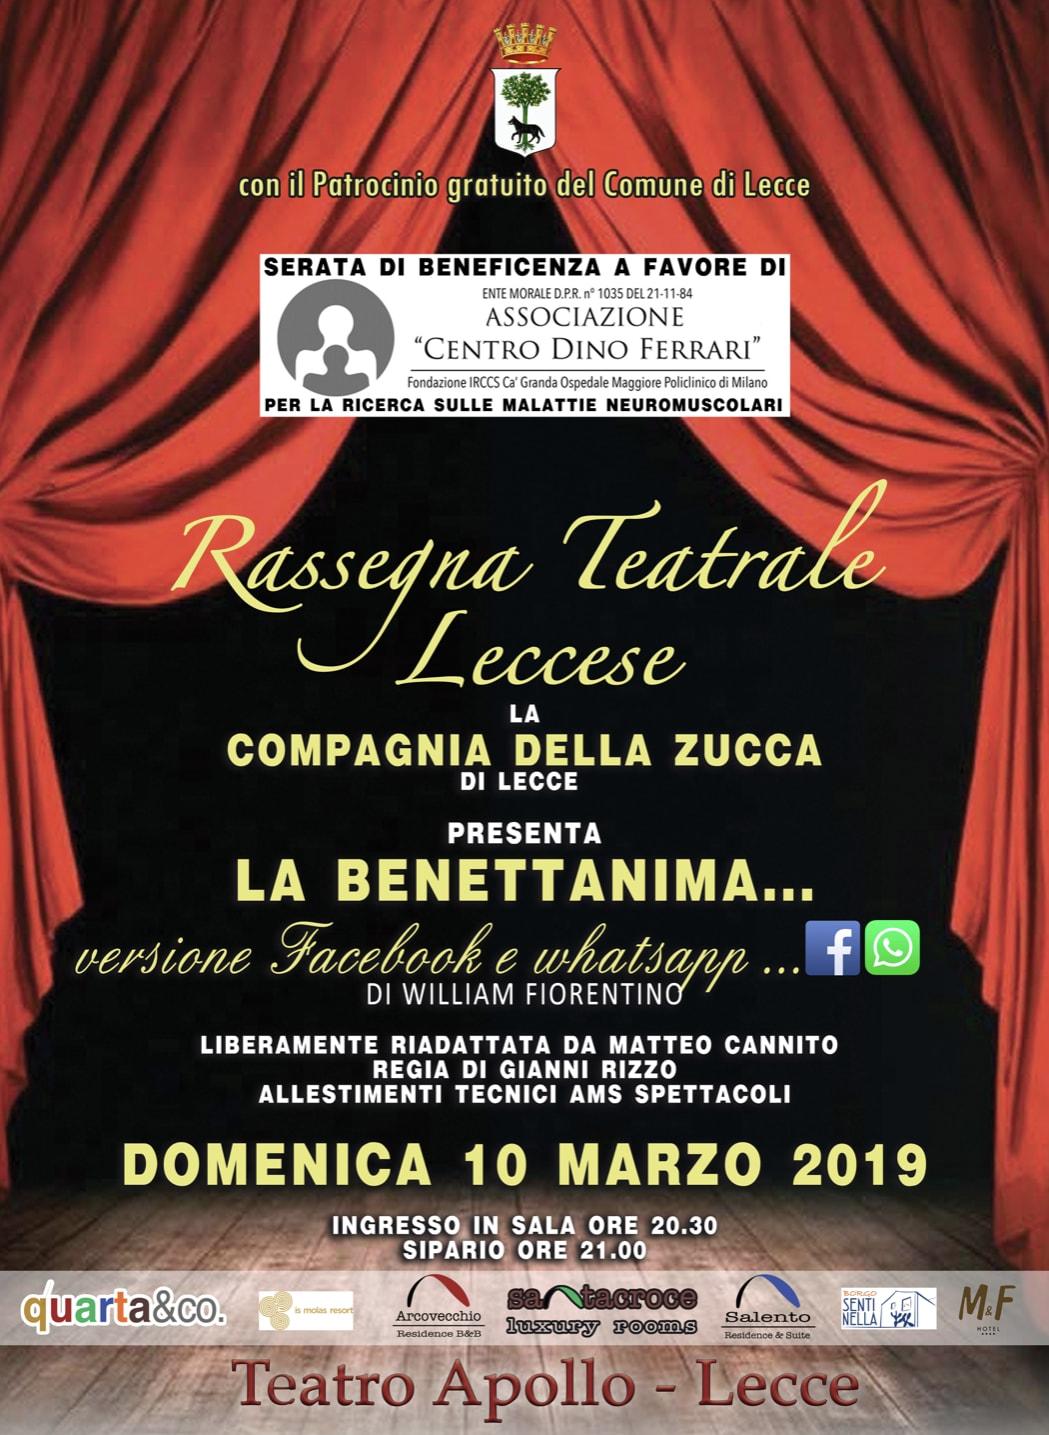 Iniziativa teatrale a Lecce per la ricerca contro le malattie rare